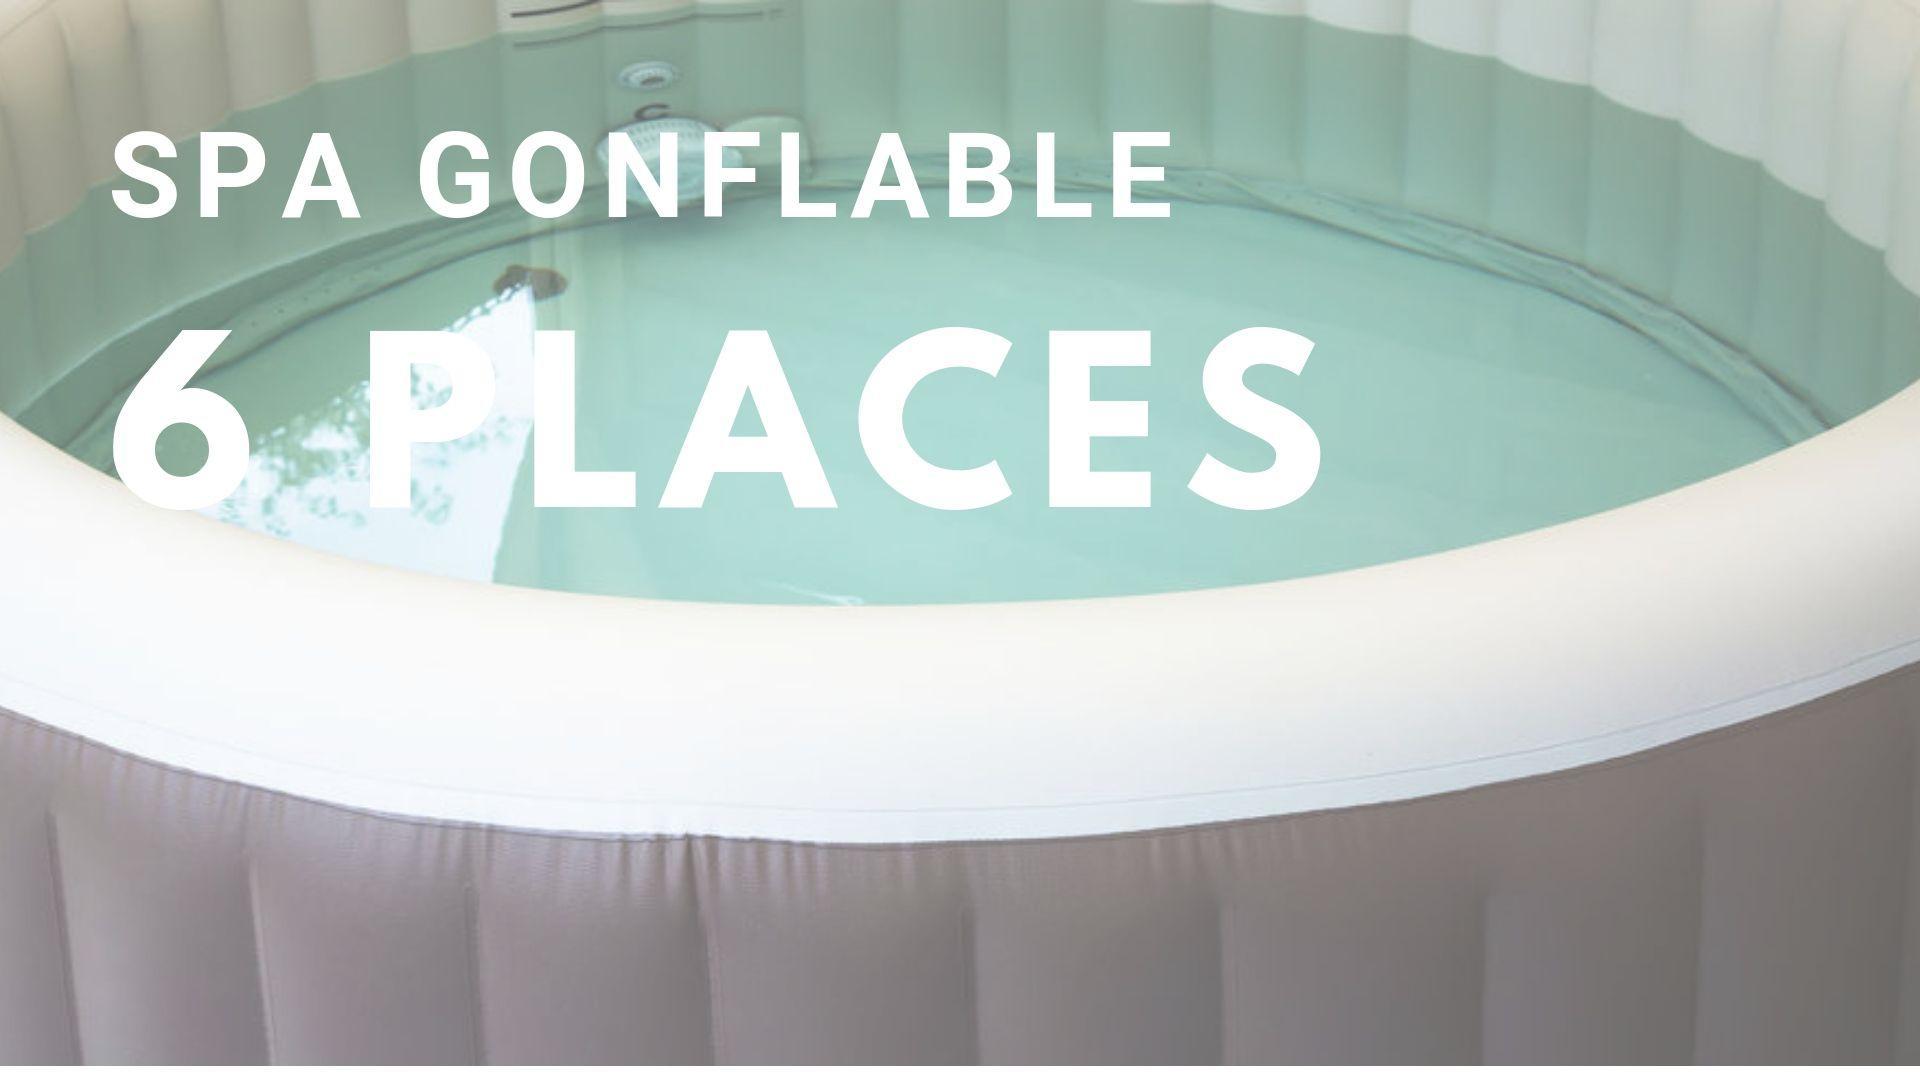 Comment Fonctionne Un Jacuzzi Gonflable spa gonflable 6 places : comparatif et avis des meilleurs